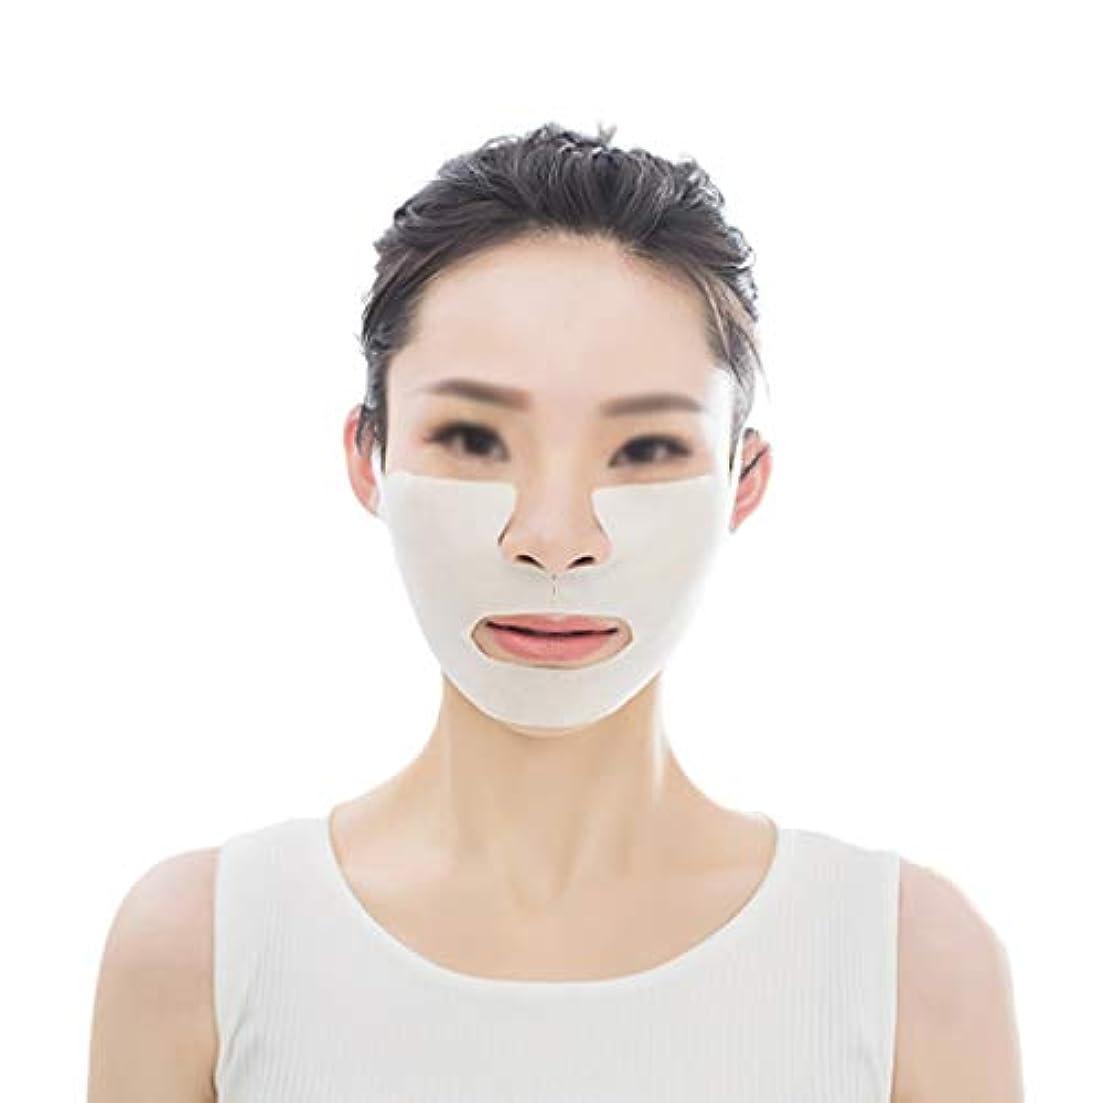 モーターオールトランスペアレントフェイシャルスリミング、薄いフェイスマスク、下顎咬筋のあごを改善してフェイシャルラインを形成する、5箱、フェイスマスクの3箱